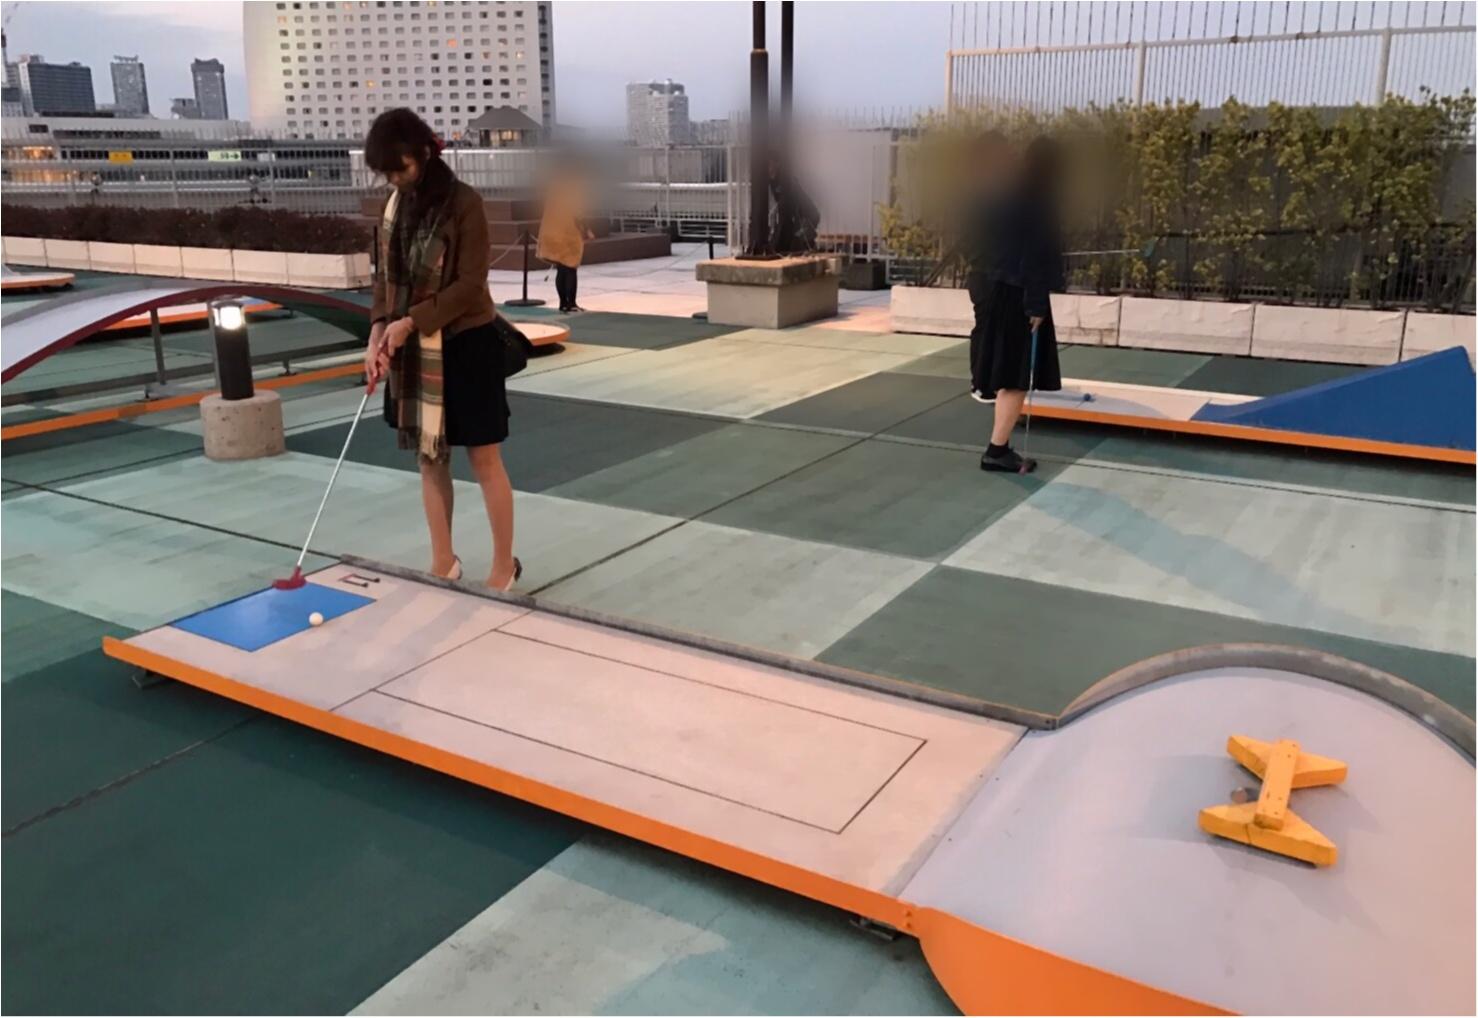 《大人気‼︎》横浜の夜景を見ながら大人のデート♡初心者でも大丈夫‼︎屋上のバーンゴルフ場は新デートスポット( ´艸`)_2